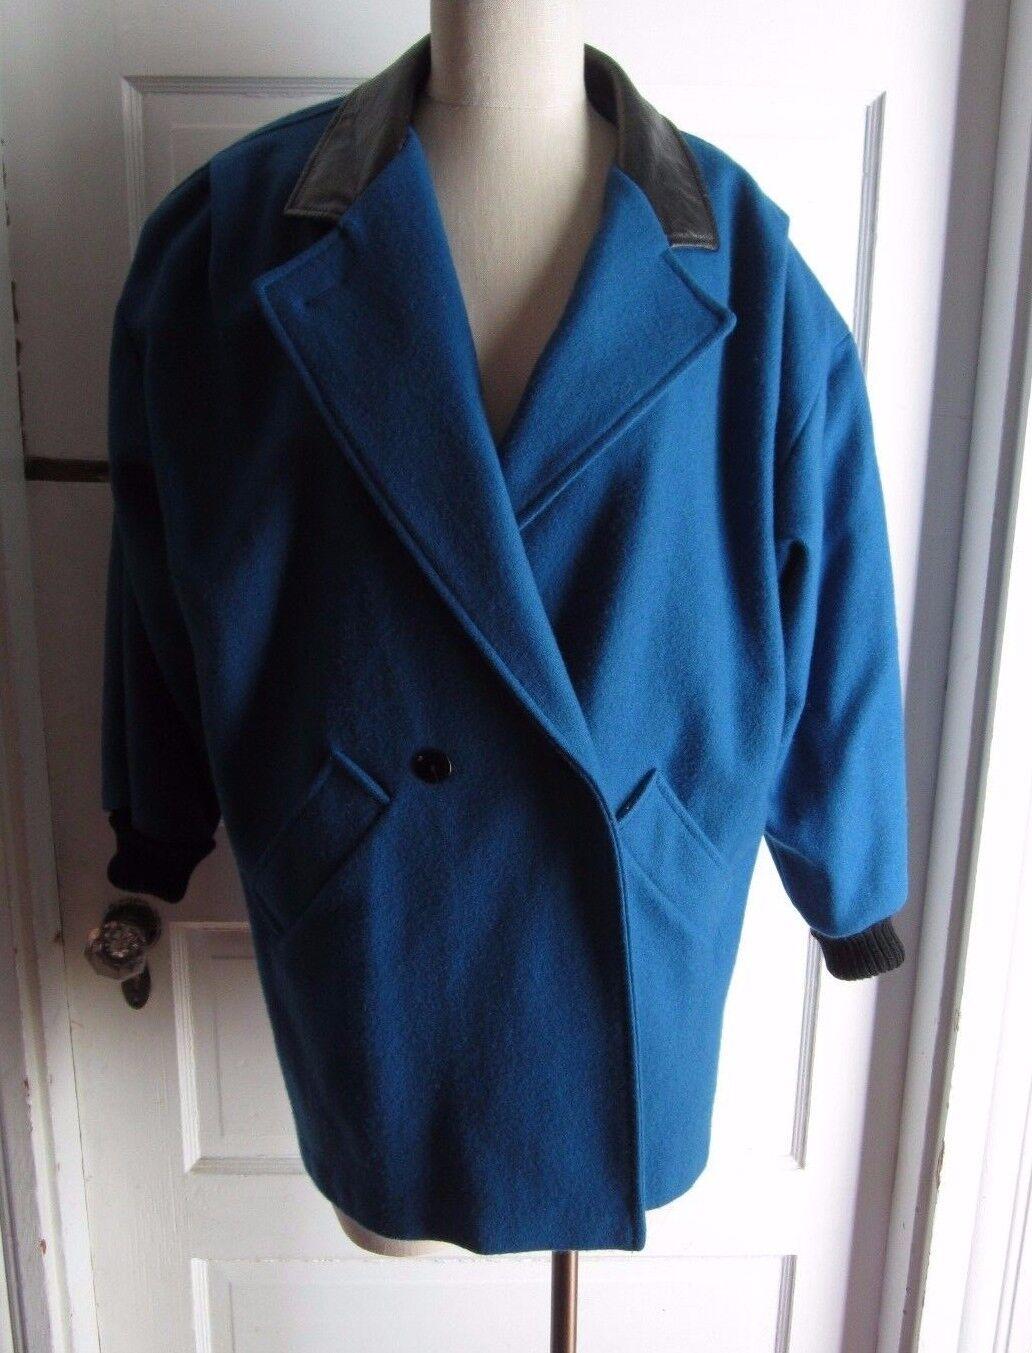 Sheridan Square Tejido Lana Corta  Abrigo De Cuero vegano Chaquetón para mujer 8 Azul Brillante  Los mejores precios y los estilos más frescos.